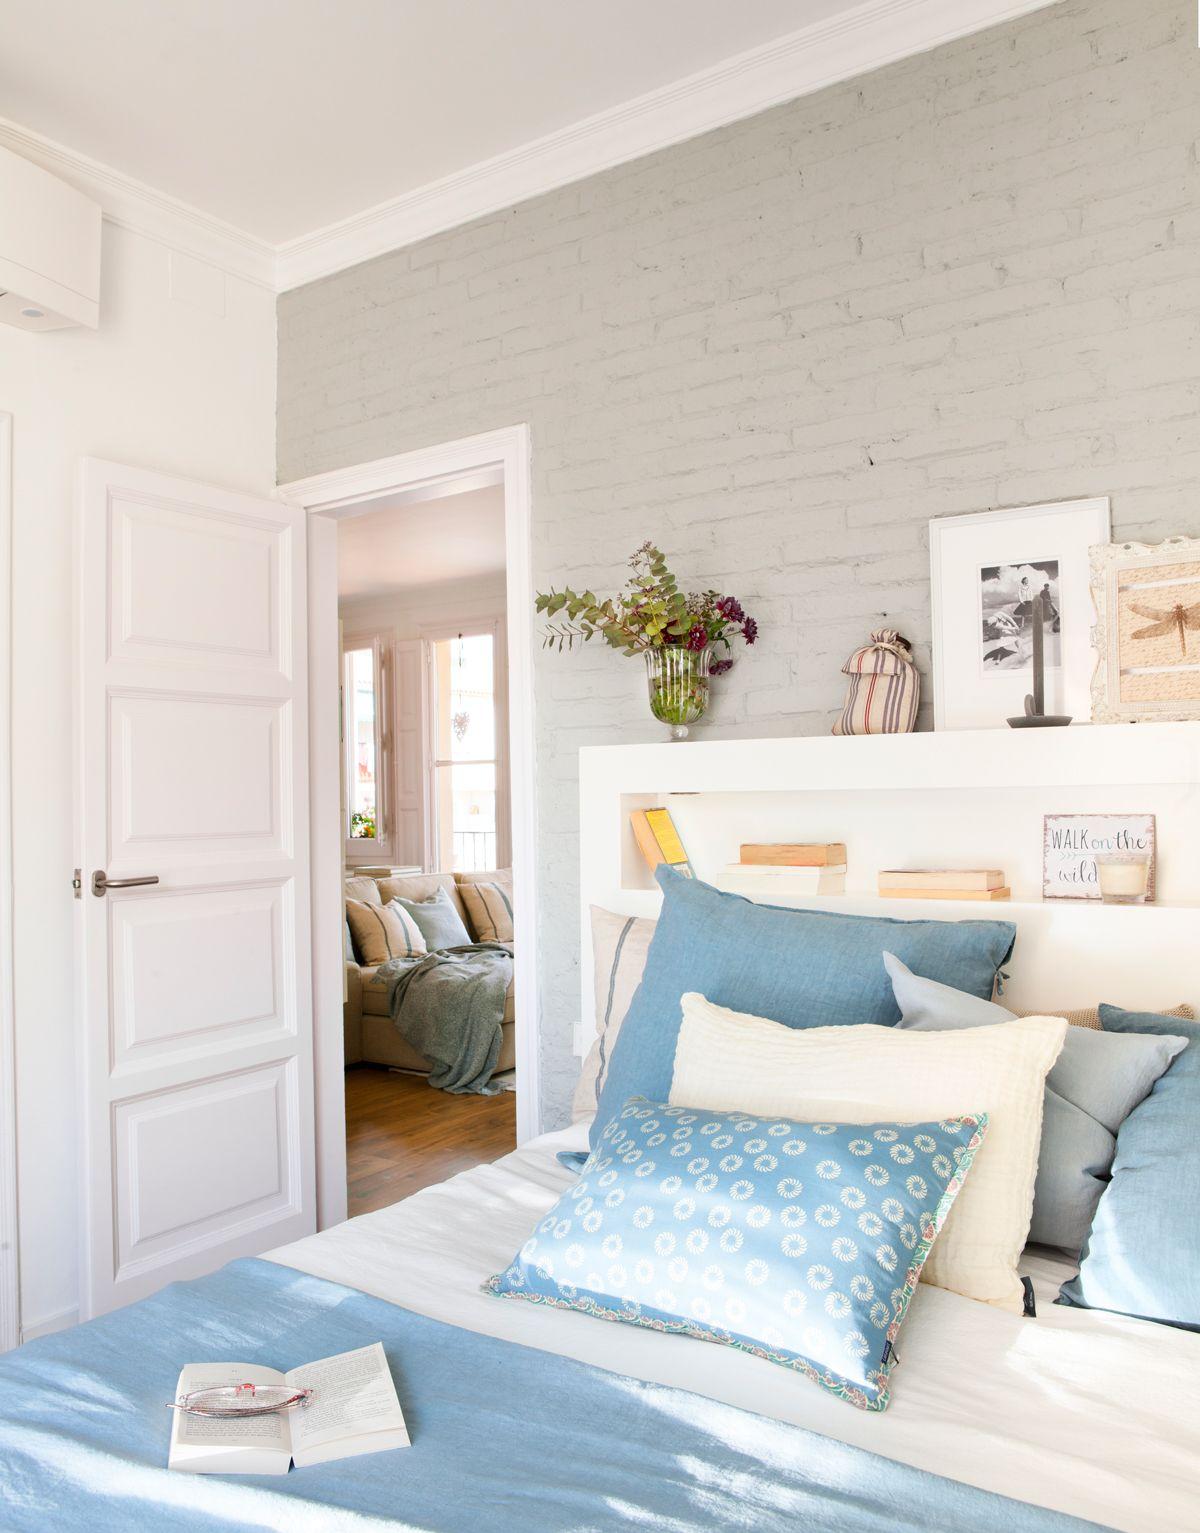 Azul y gris en 2019 dormitorios pinterest for Dormitorios pintados en gris